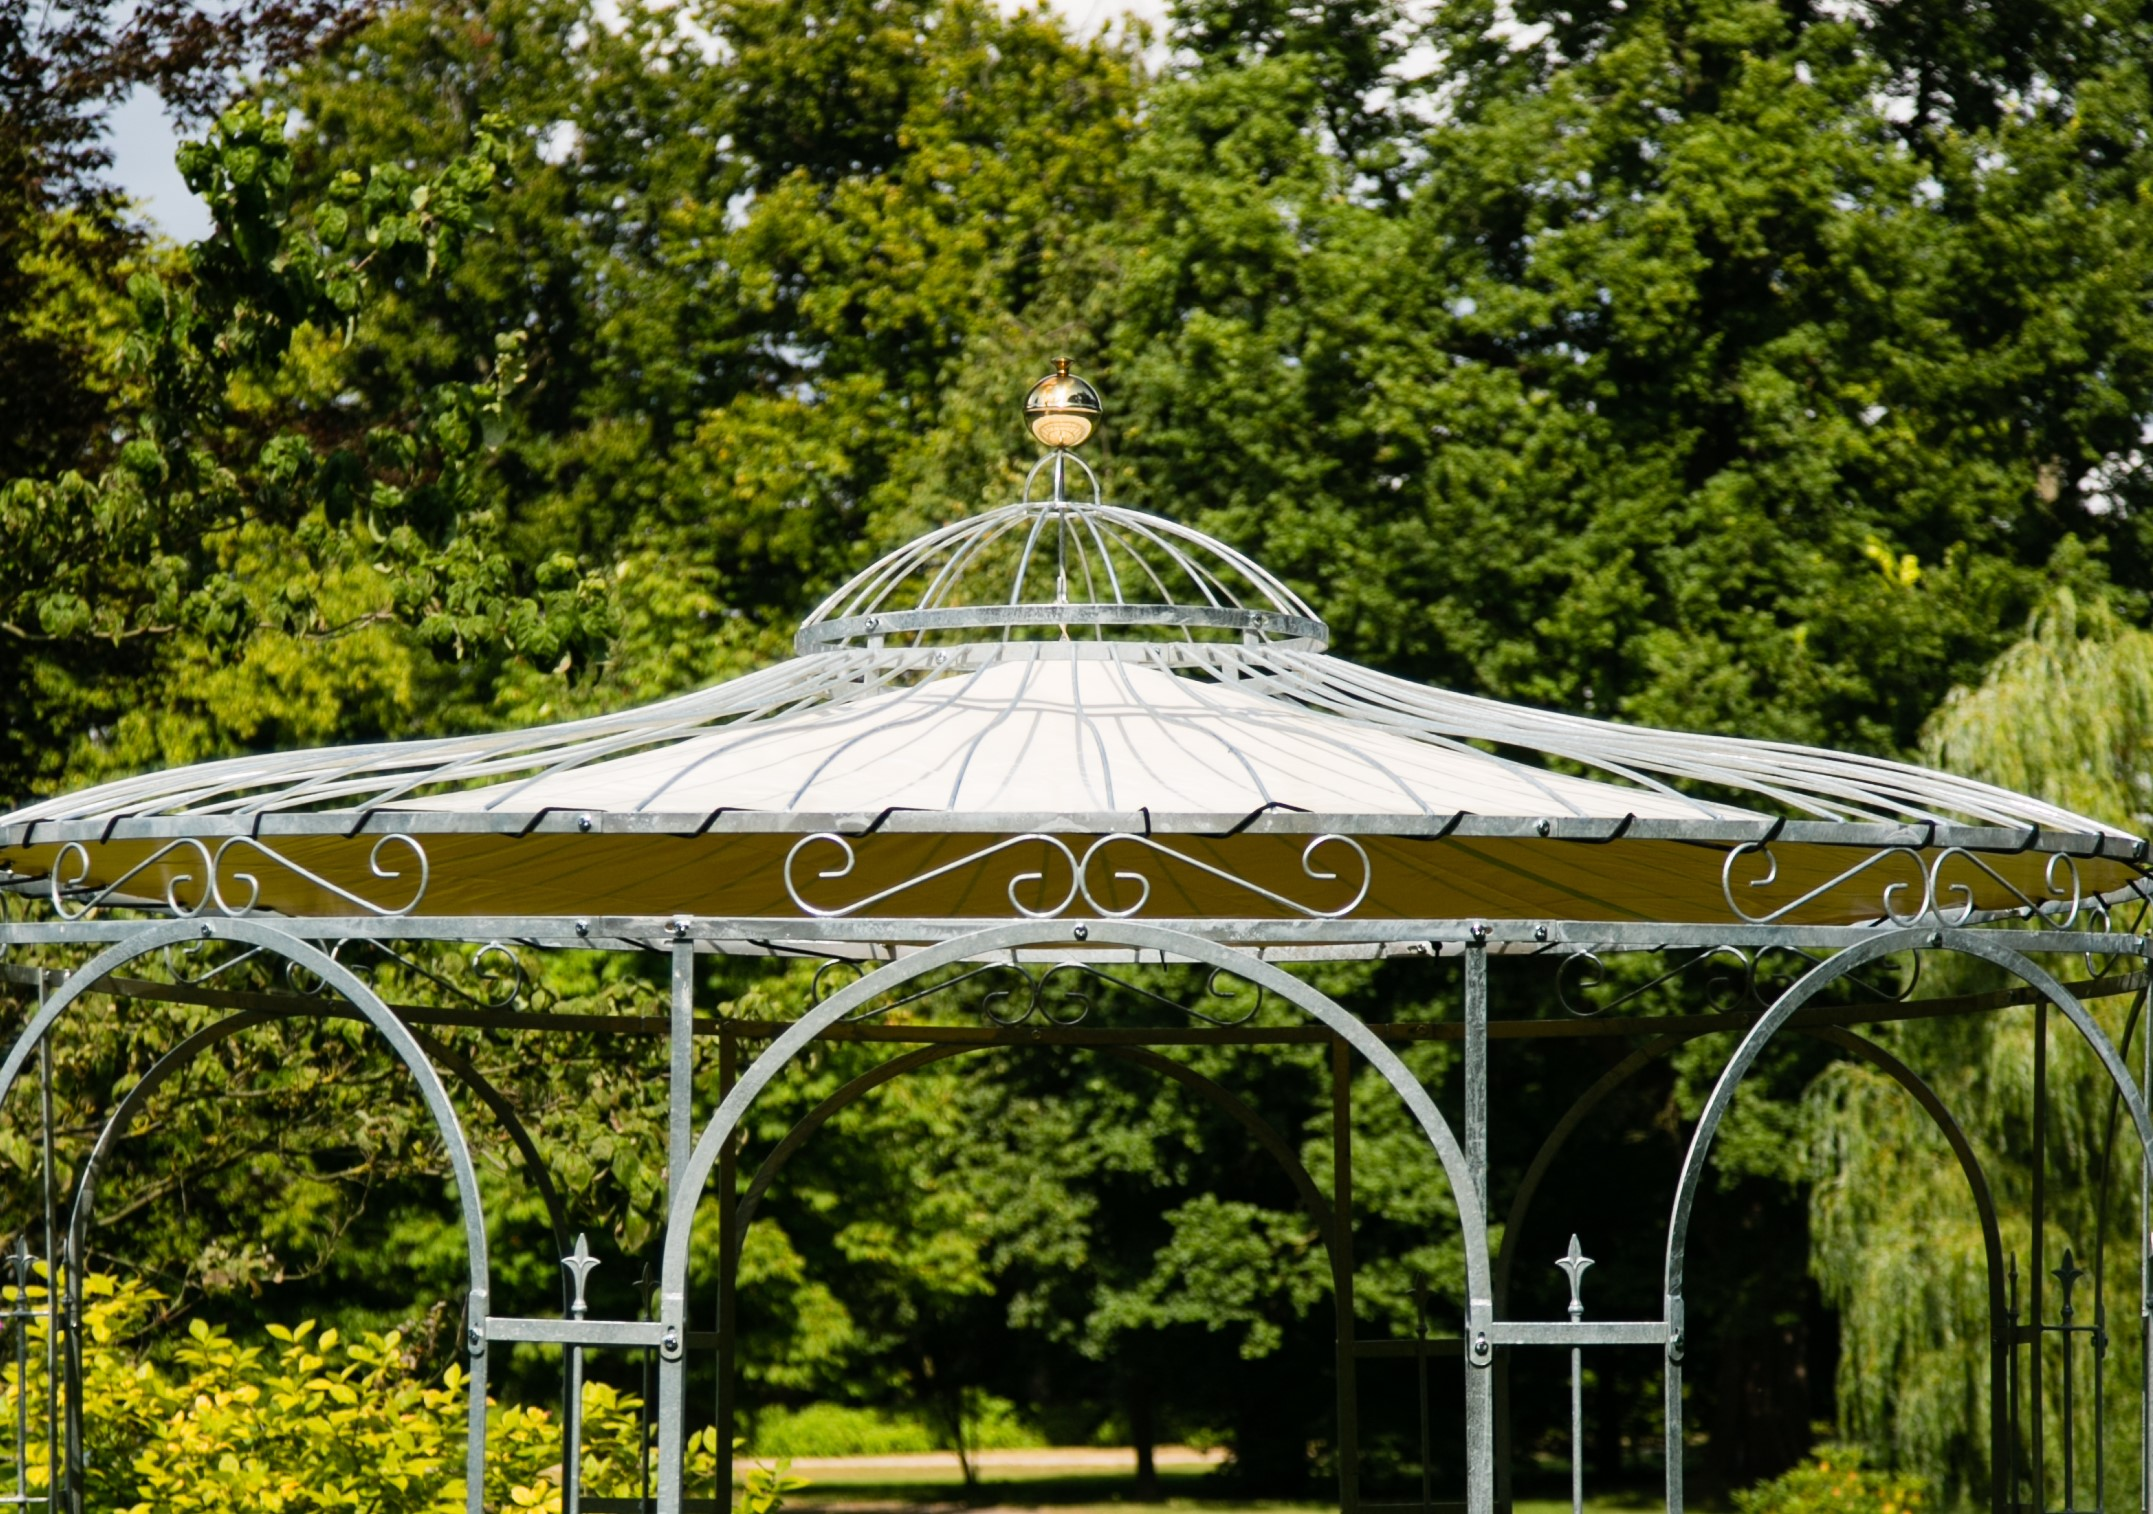 Full Size of Gartenpavillon Metall Ebay Kleinanzeigen Pavillon Aus Mit Festem Dach Glas 3x4m 3x4 Wasserdicht Geschlossen 3x3 Rund Klein Glasdach Regal Weiß Bett Regale Wohnzimmer Gartenpavillon Metall